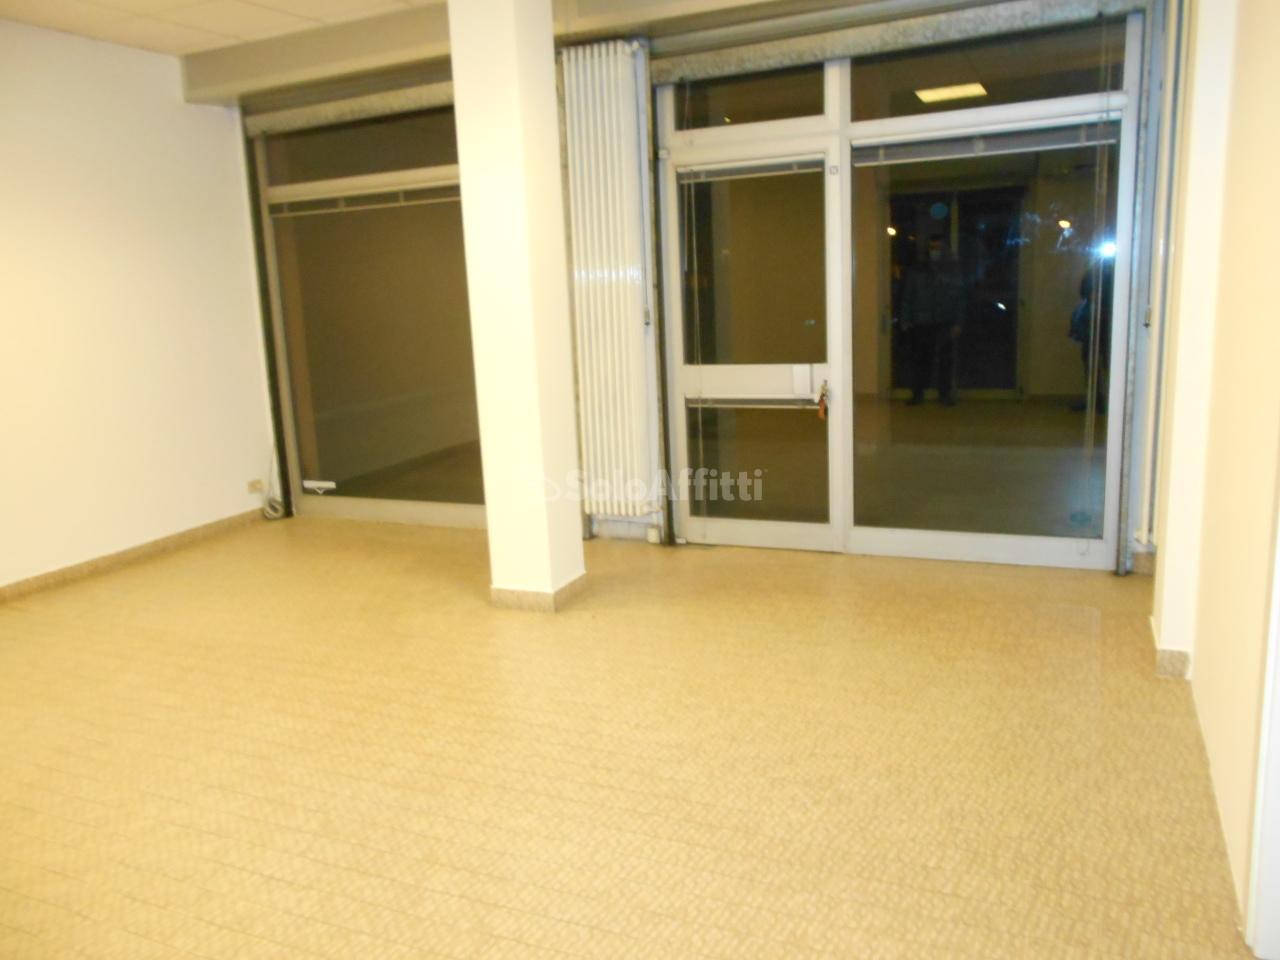 Negozio / Locale in affitto a Cermenate, 2 locali, prezzo € 450 | PortaleAgenzieImmobiliari.it